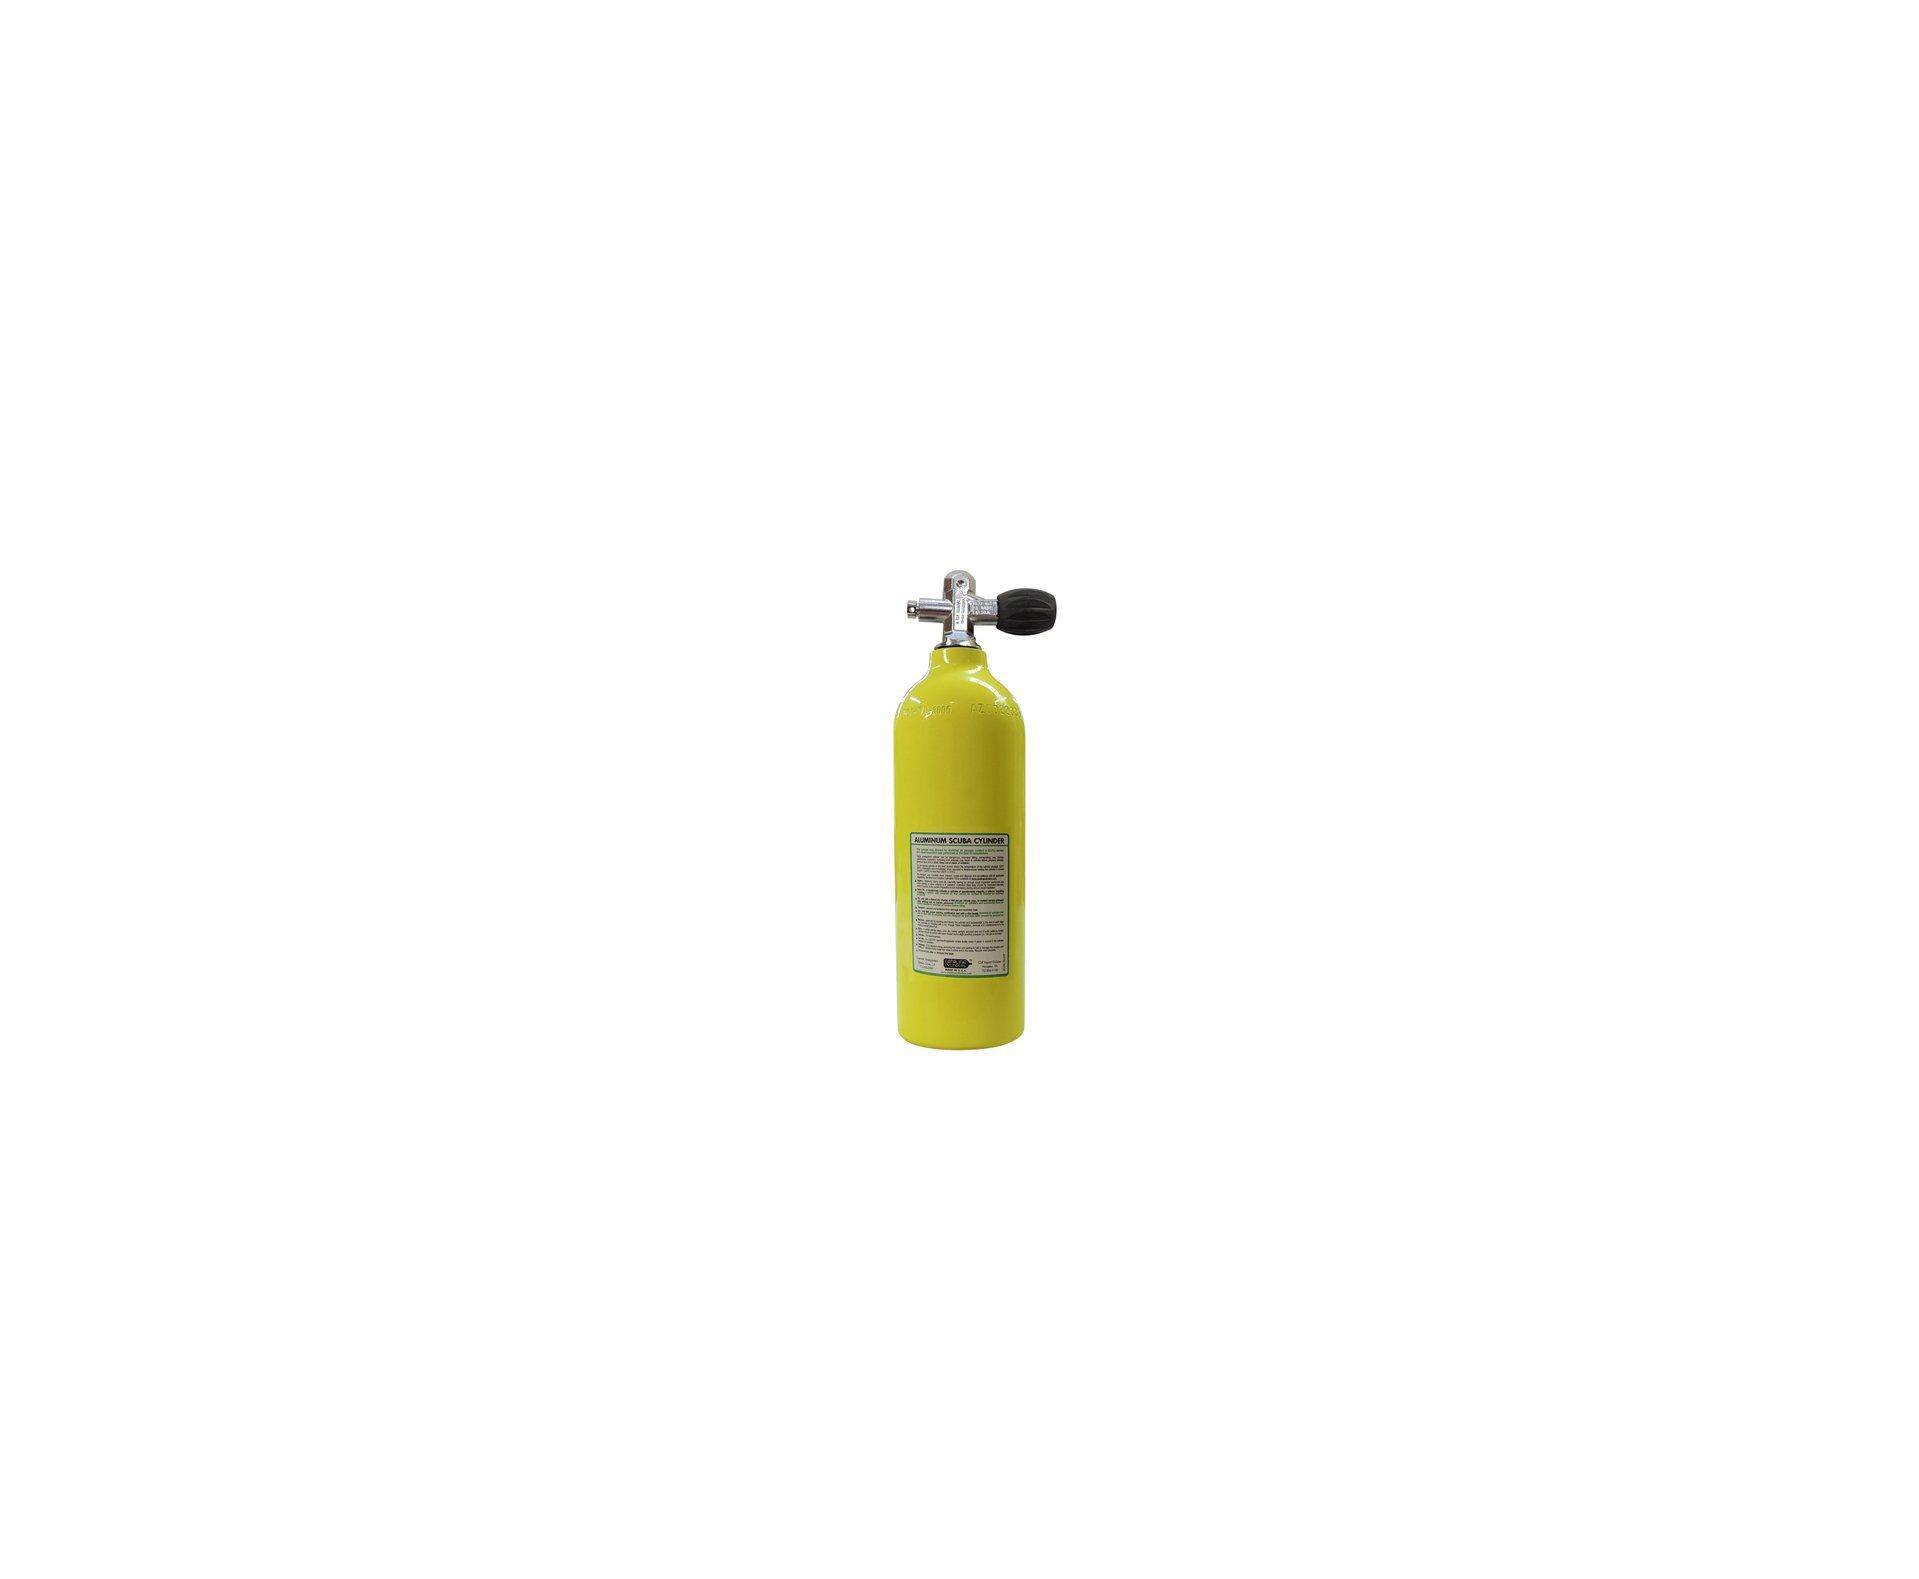 Cilindro De Alumínio Scuba 1,9 Litros (200 Bar) + Válvula - Rossi